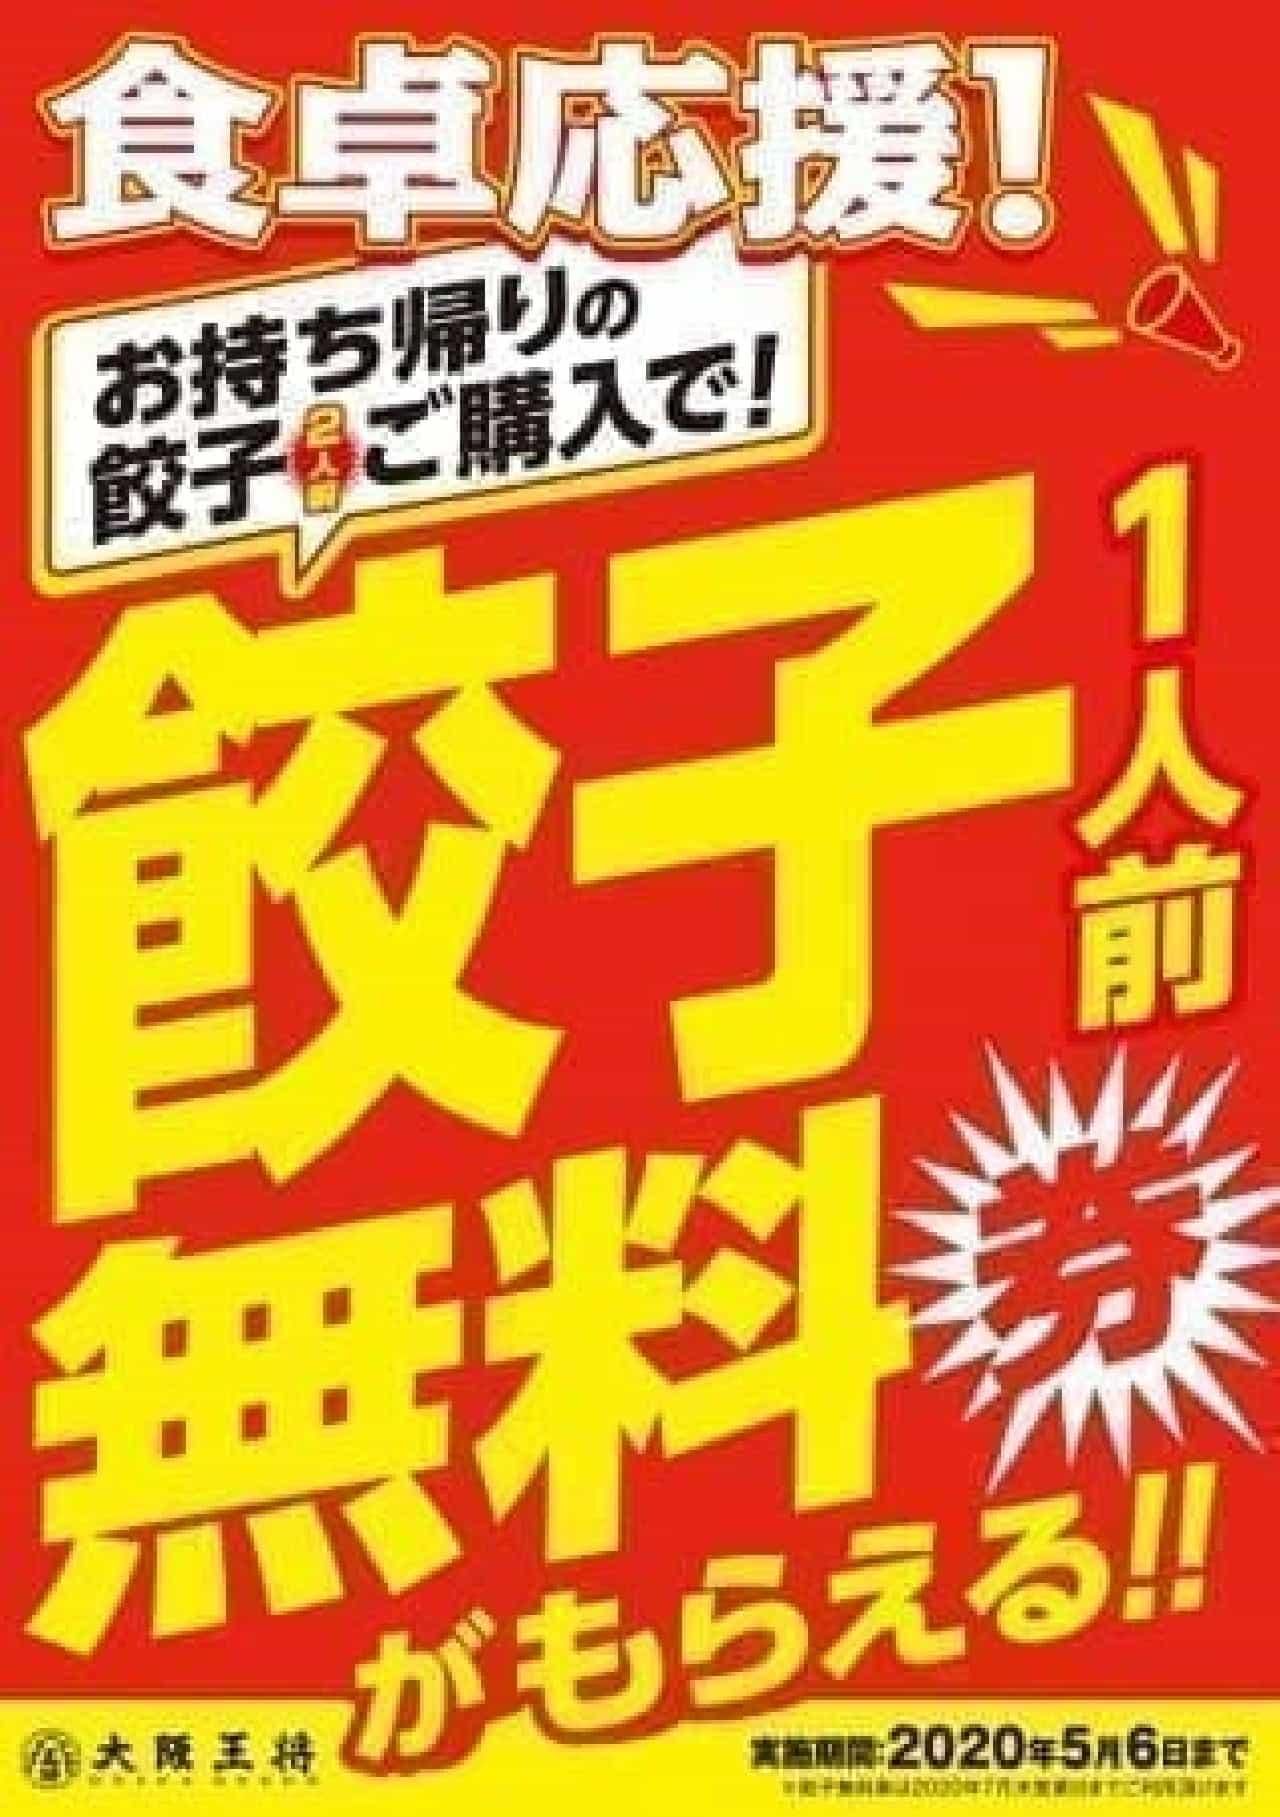 大阪王将「食卓応援キャンペーン」